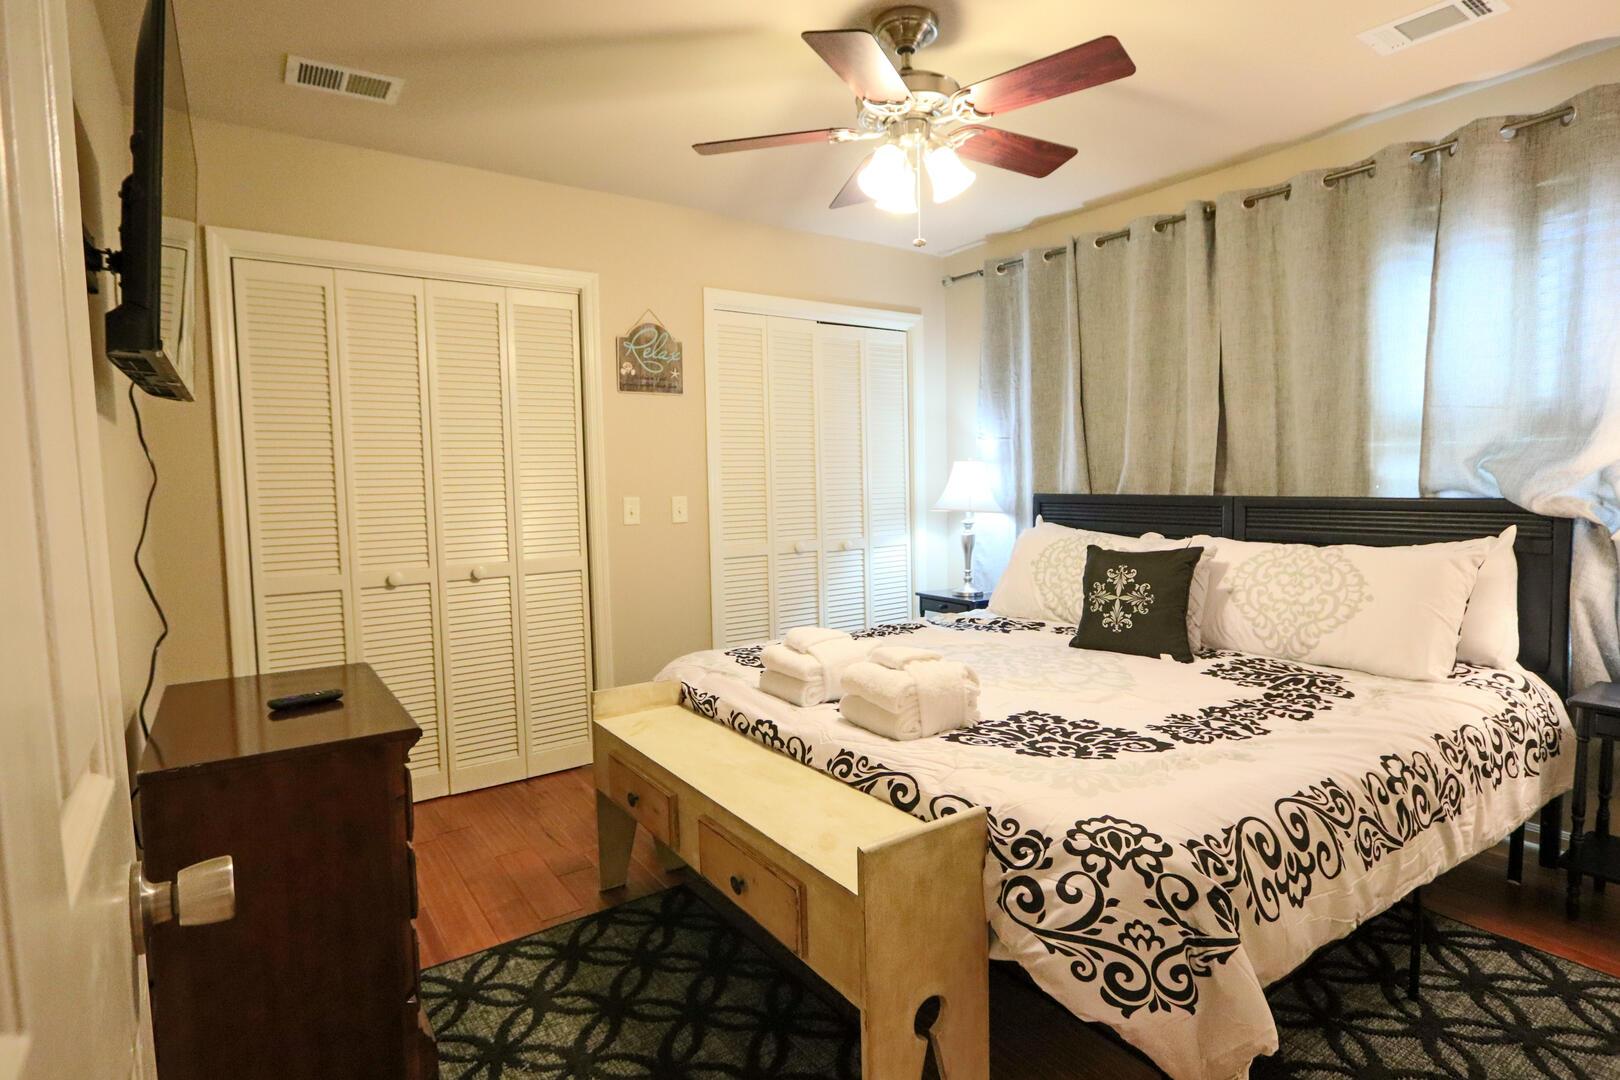 Bedroom 2, TV